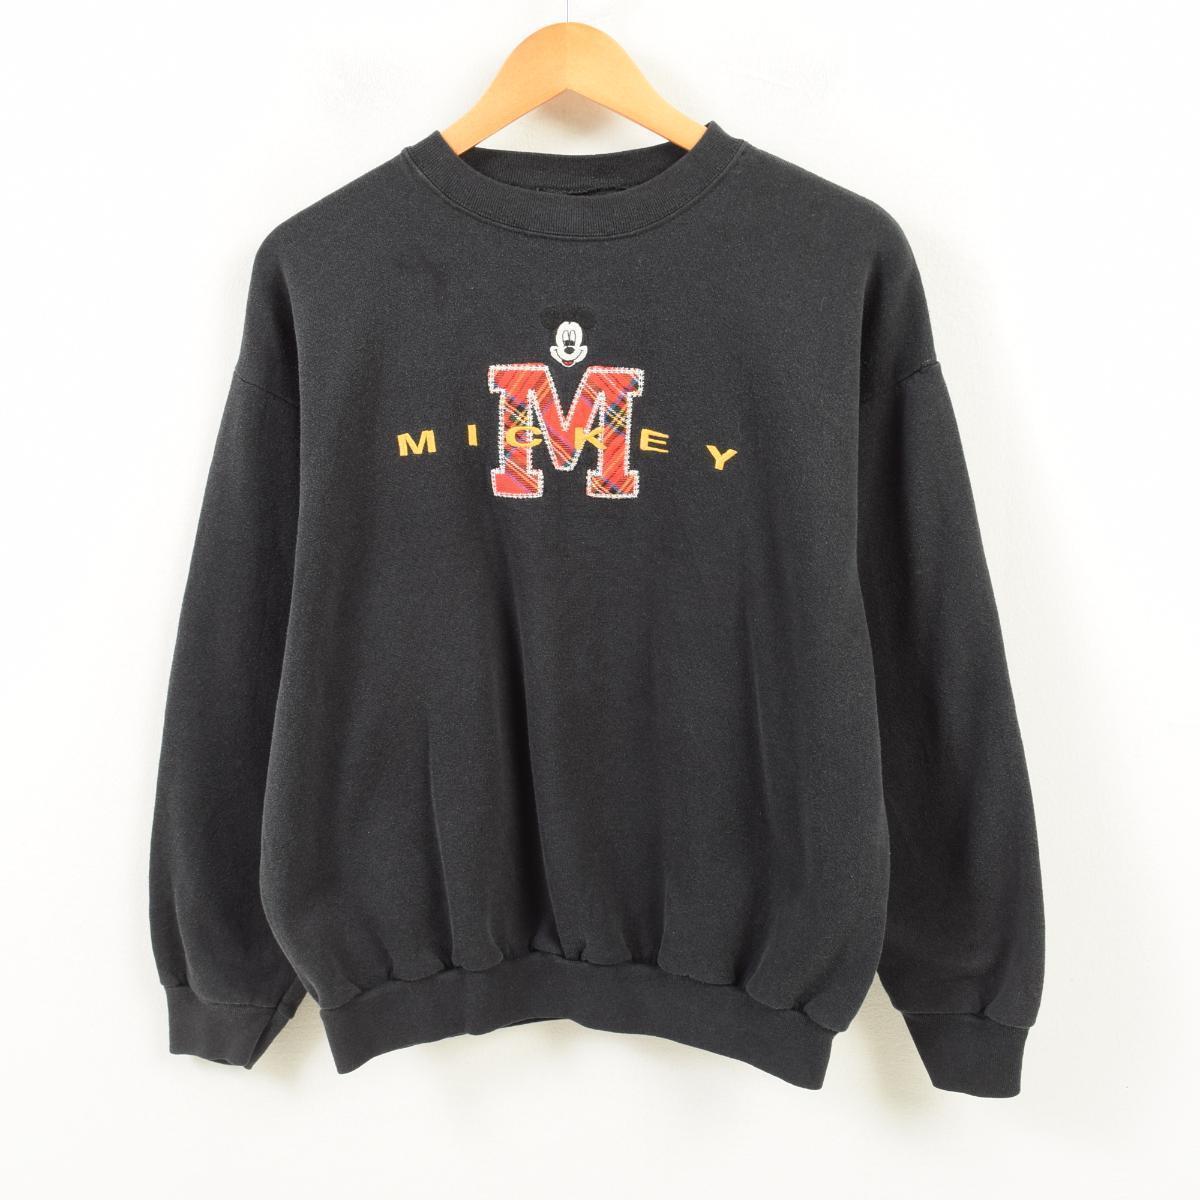 MICKEY UNLIMITED MICKEY MOUSE ミッキーマウス キャラクタースウェットシャツ トレーナー レディースL /wan5676 【中古】 【180330】